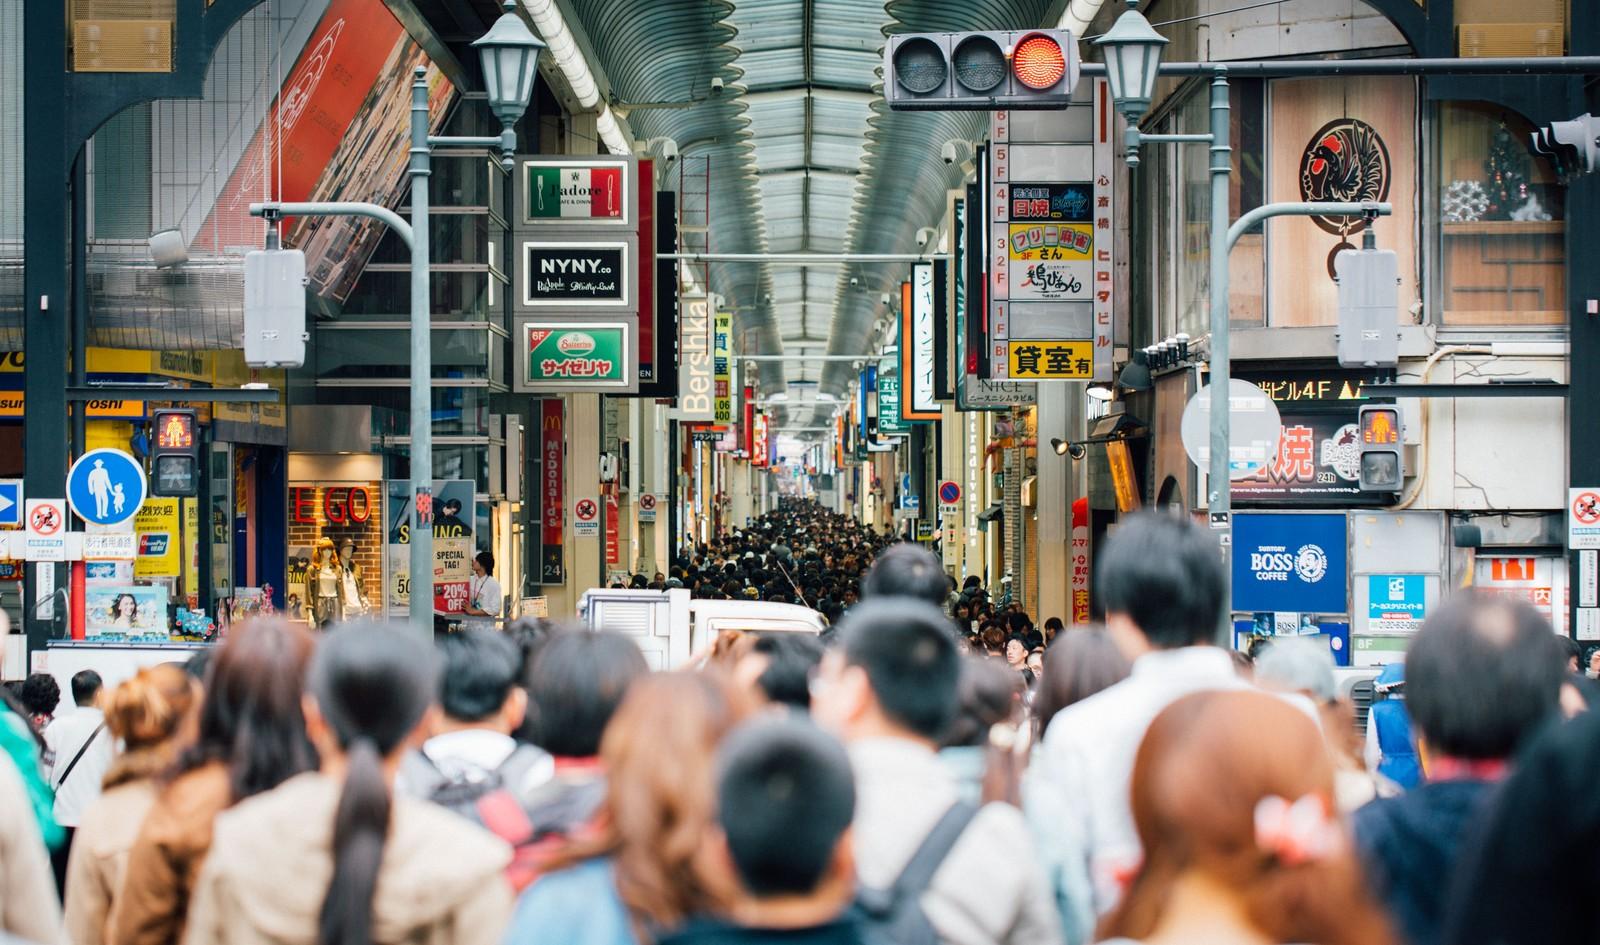 首都圏と京阪神圏の経済規模の差はどれくらいか